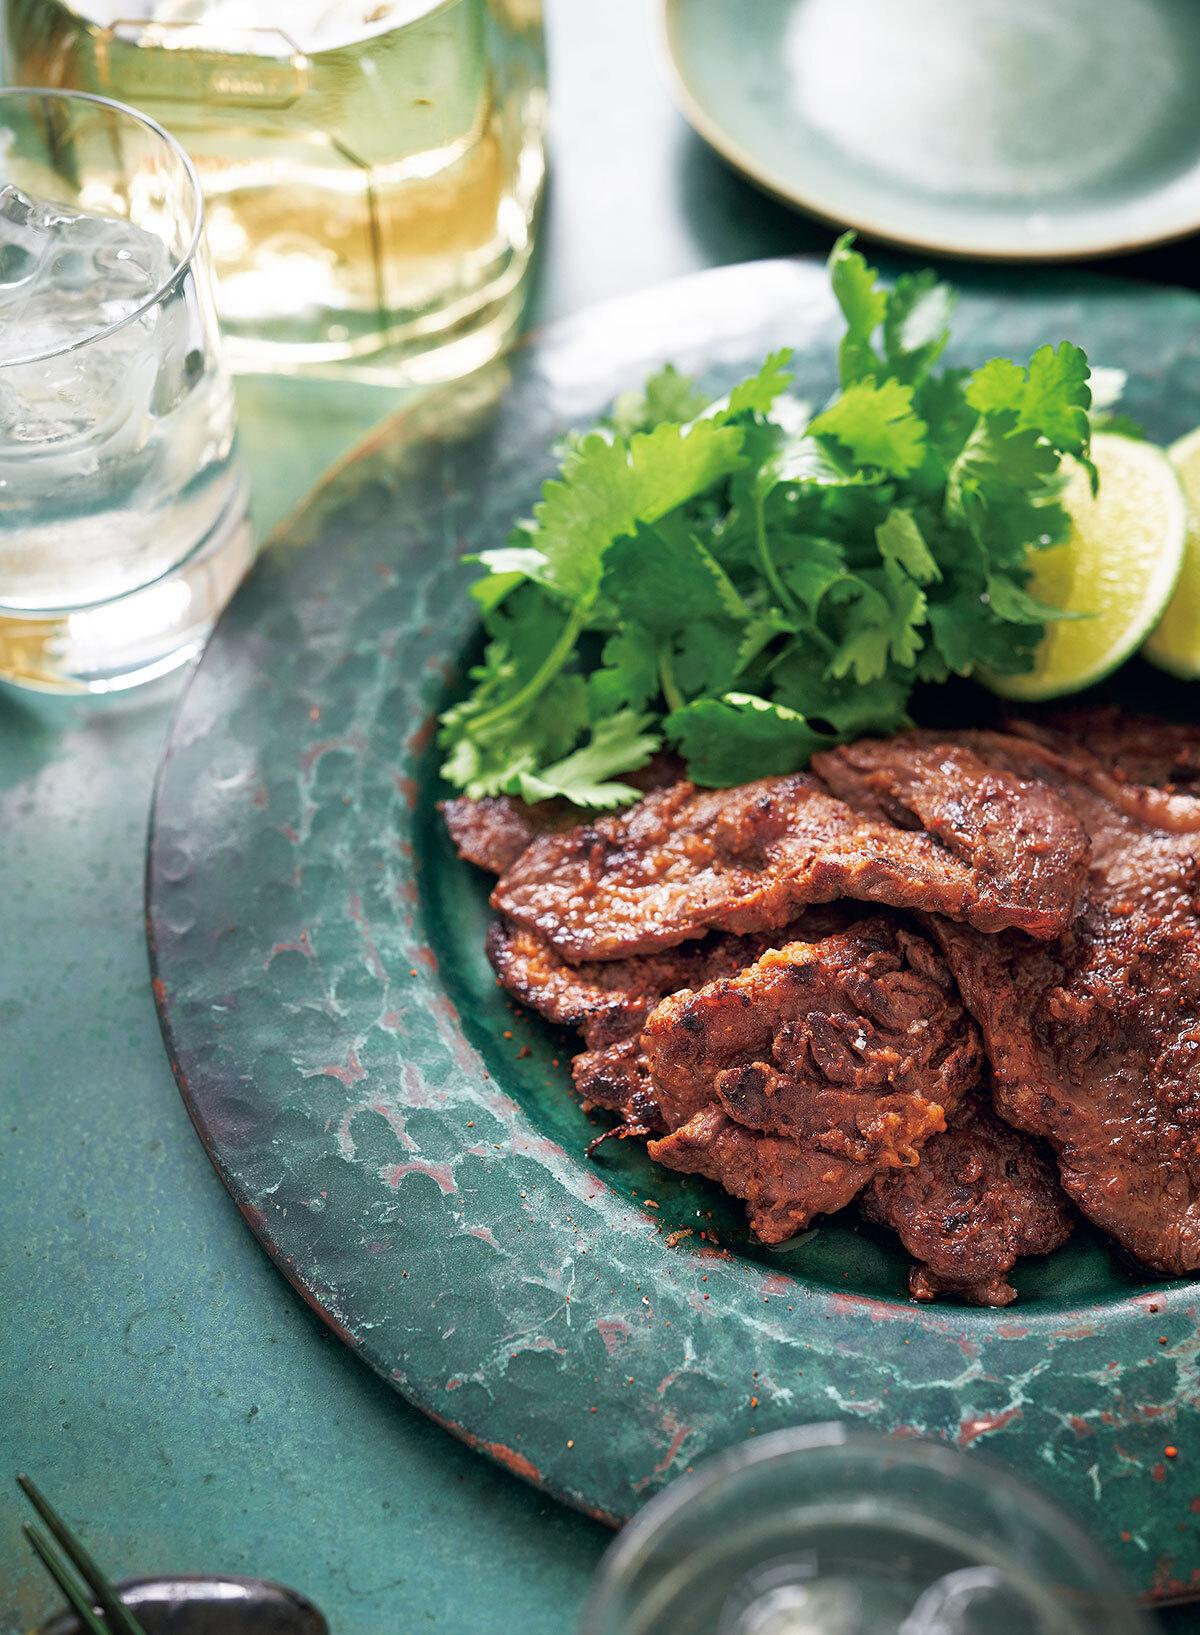 平野由希子のおつまみレシピ_プレミアムテキーラ×牛肉のスパイスマリネ焼き